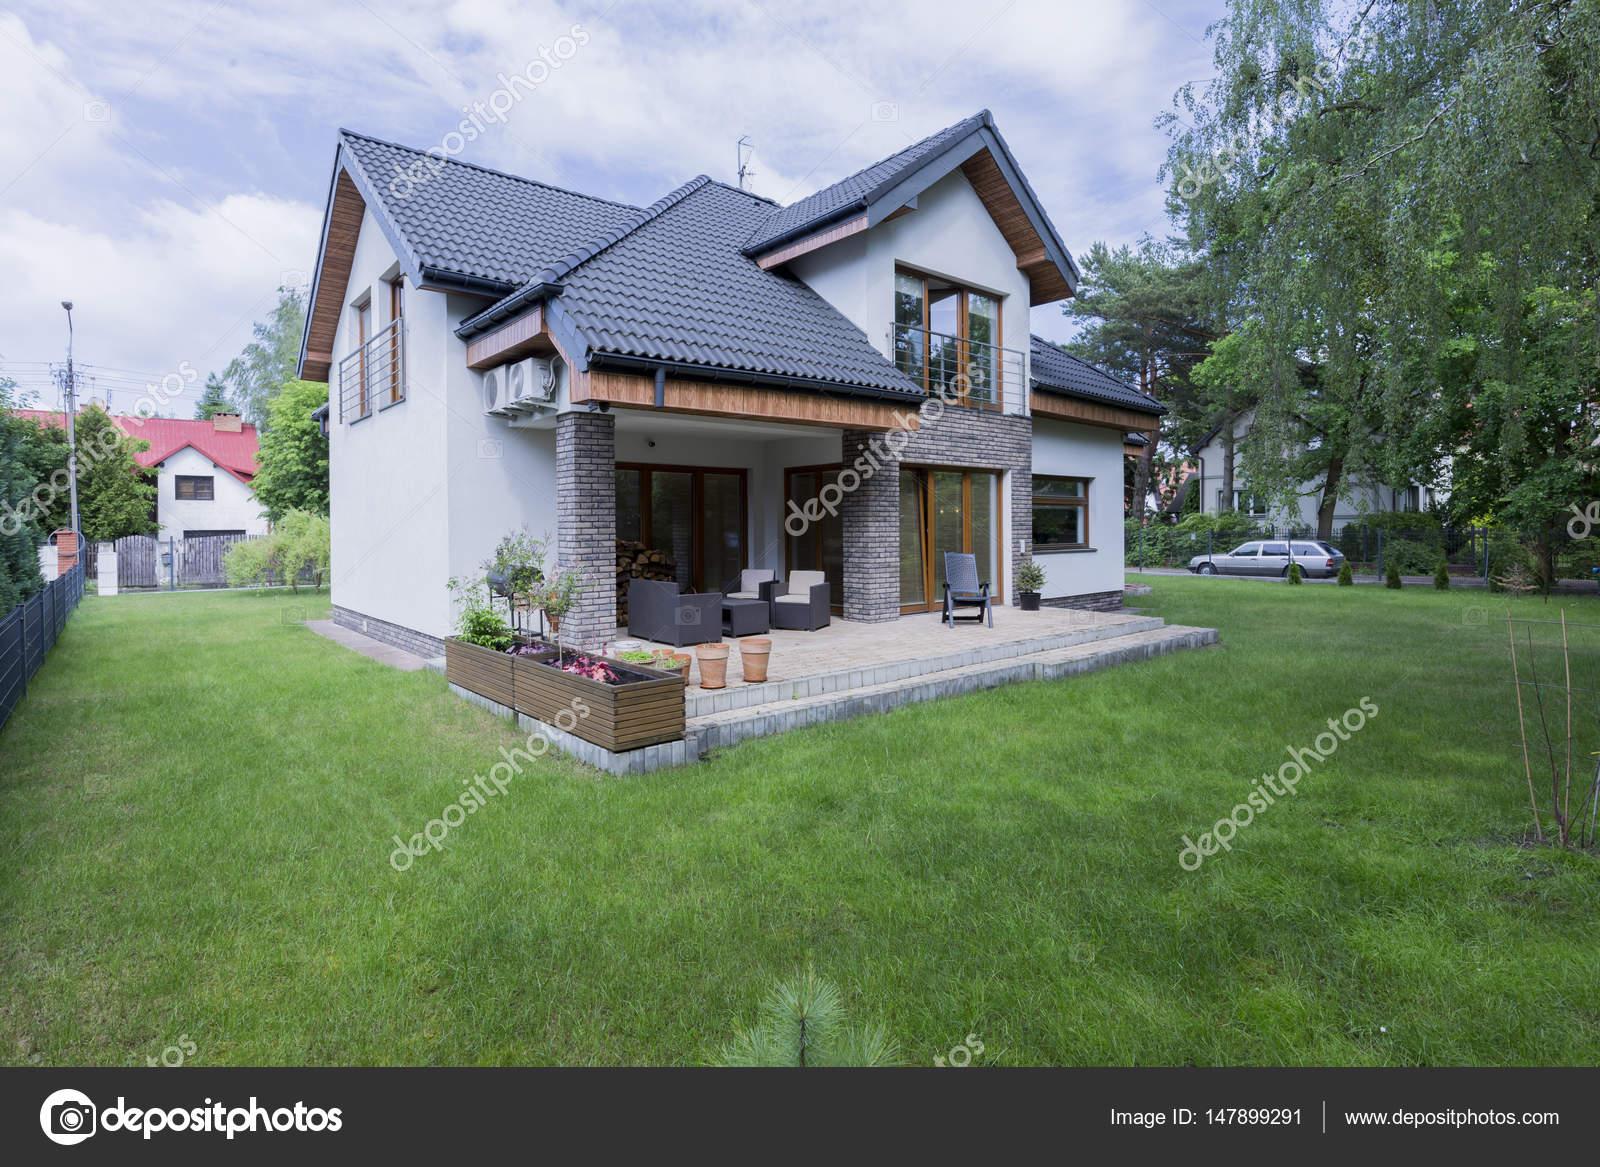 Buitenkant van de vrijstaande woning met terras u stockfoto